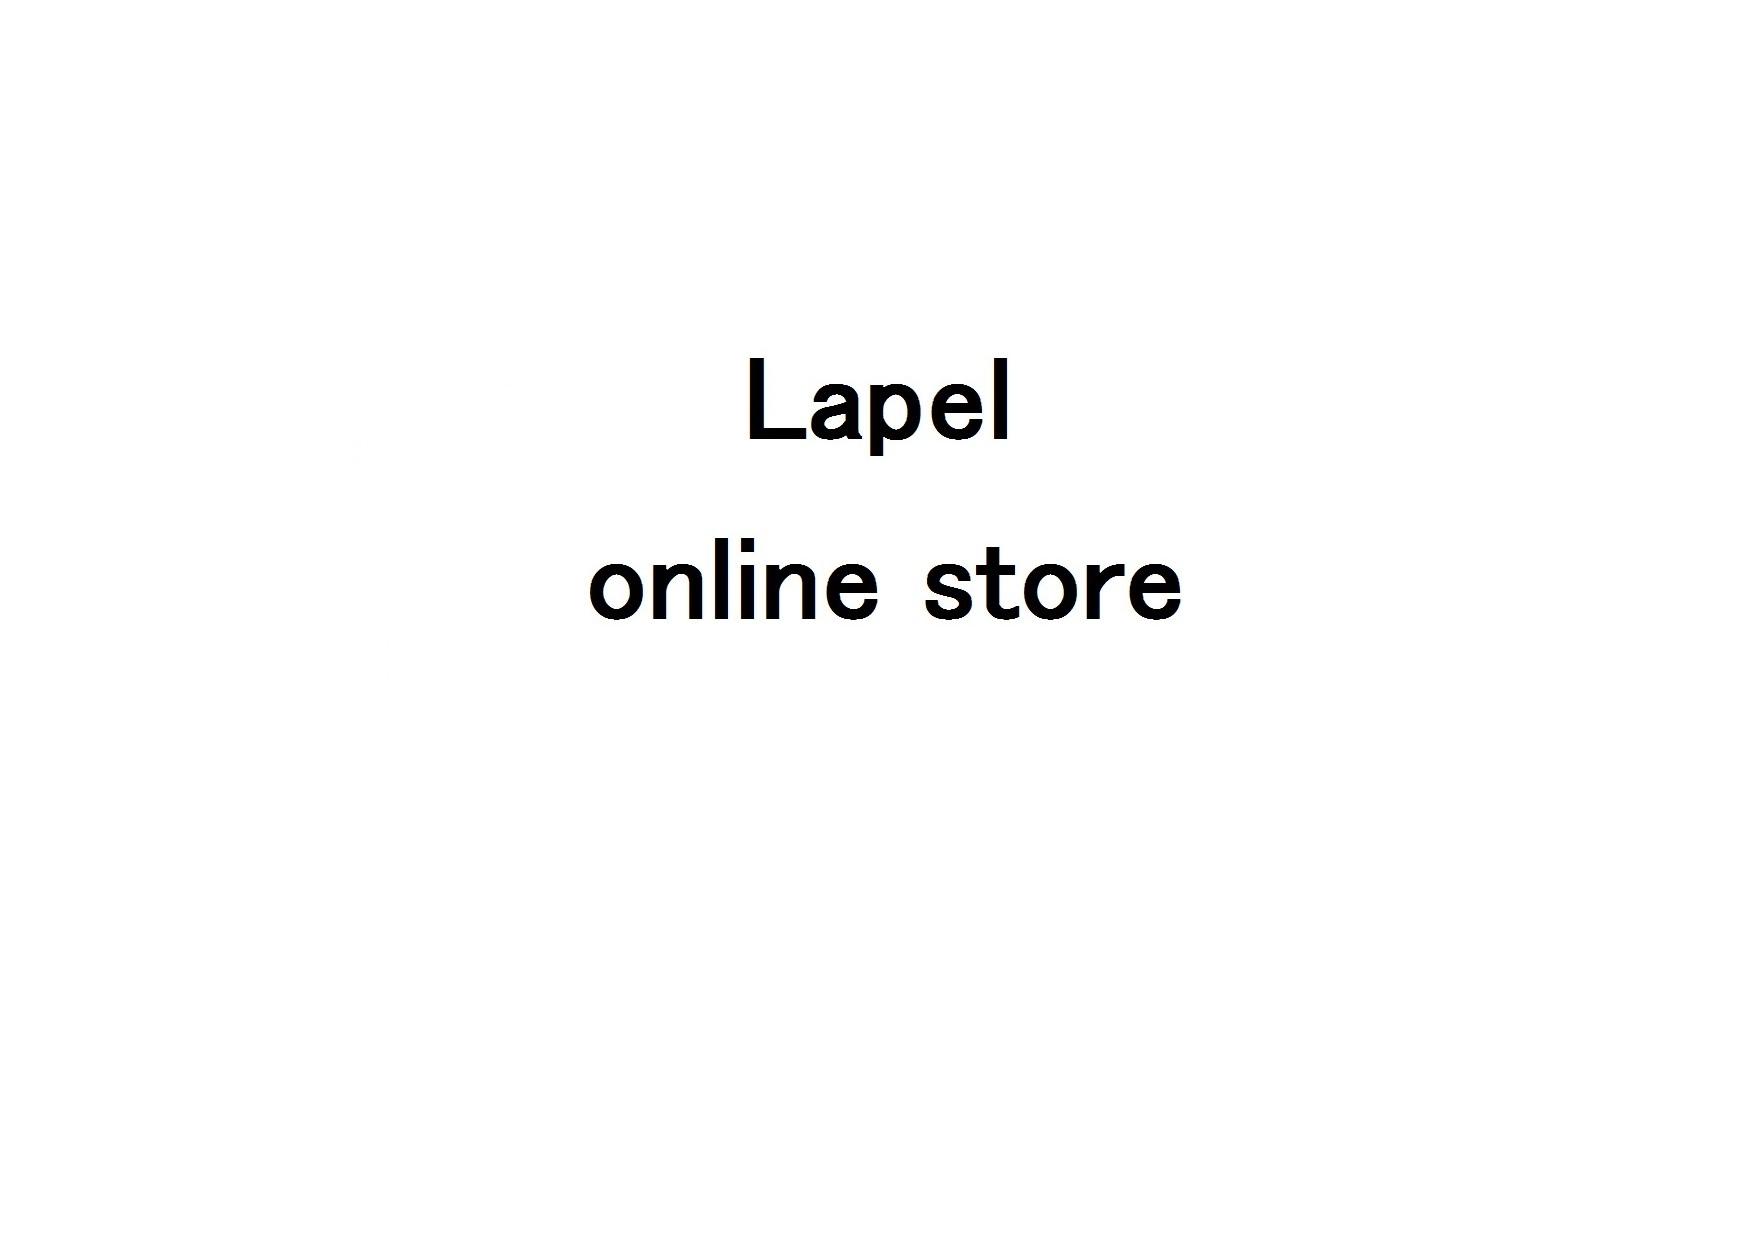 Lapel online store